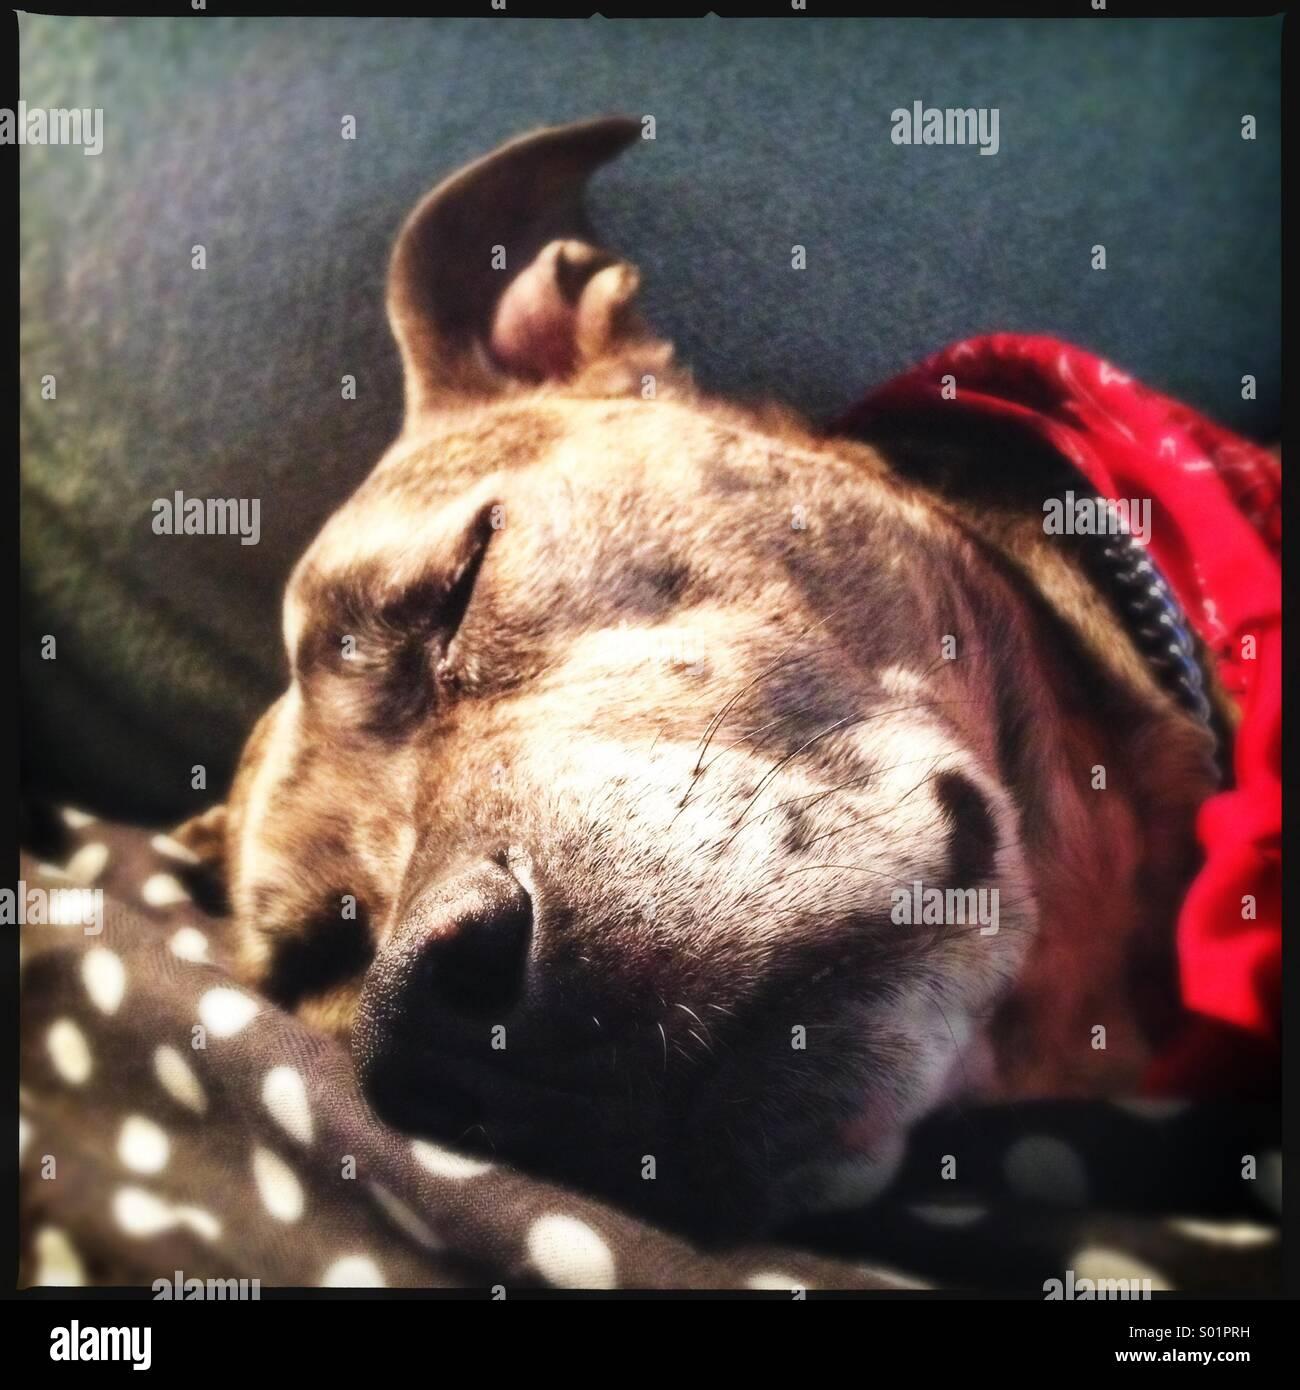 Perro durmiendo en polka dots Imagen De Stock